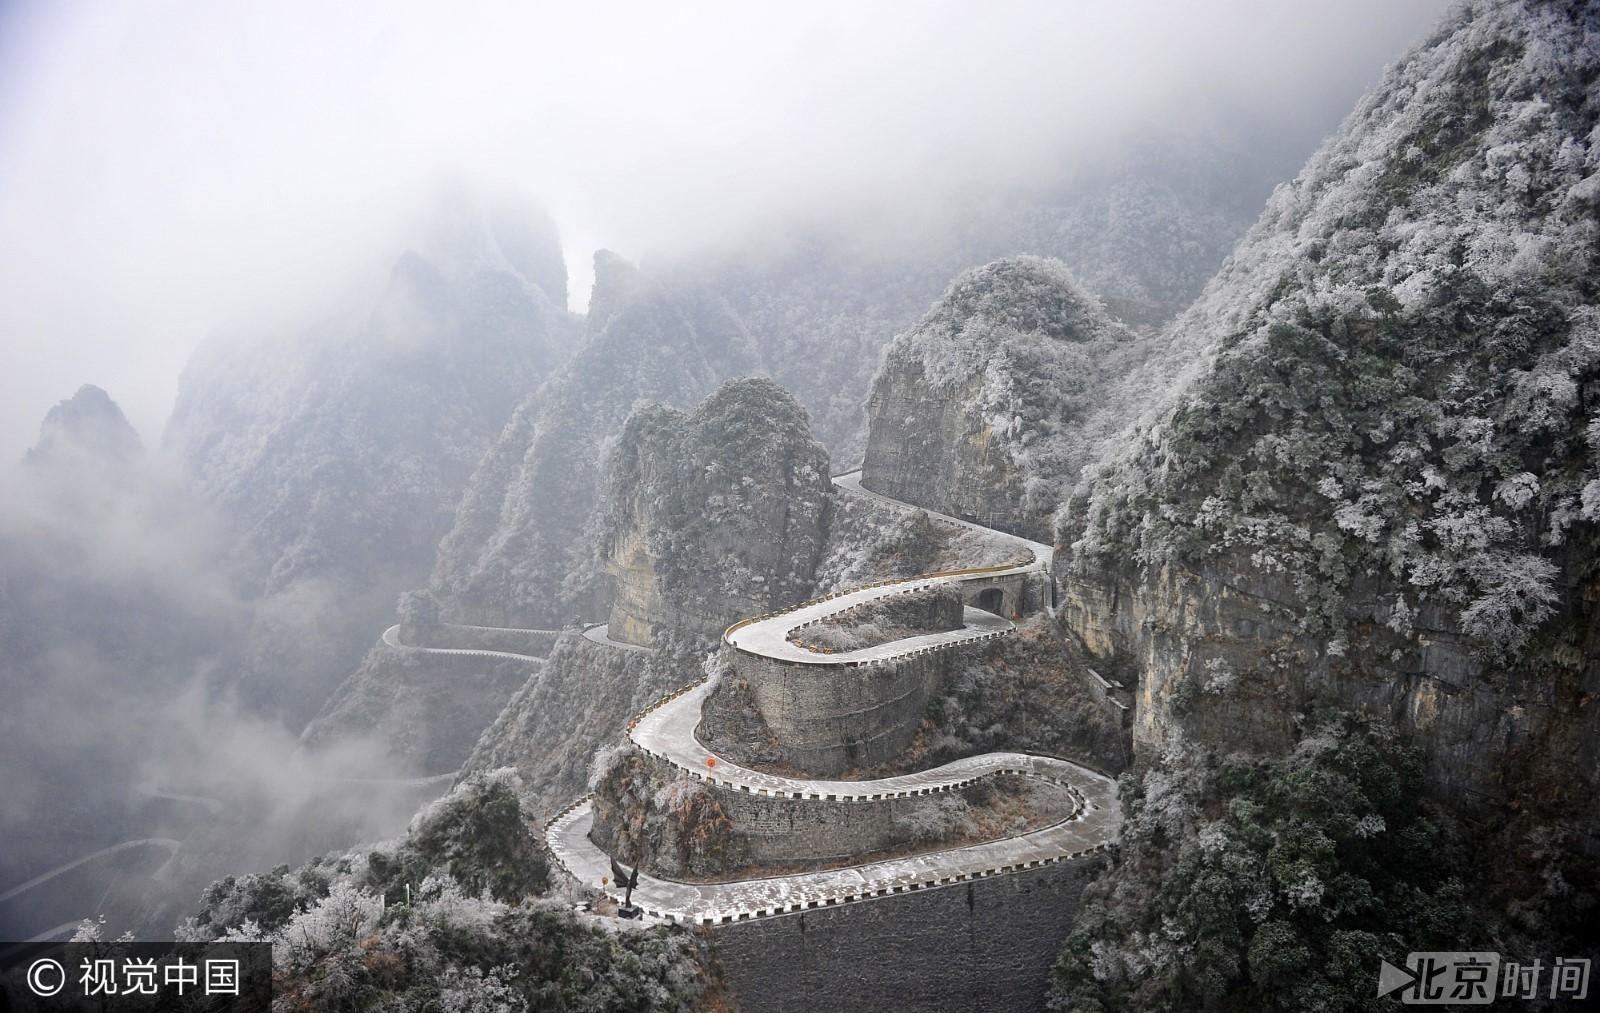 湖南省张家界天门山风景区的盘山公路宛如银蛇一般,分外壮观.